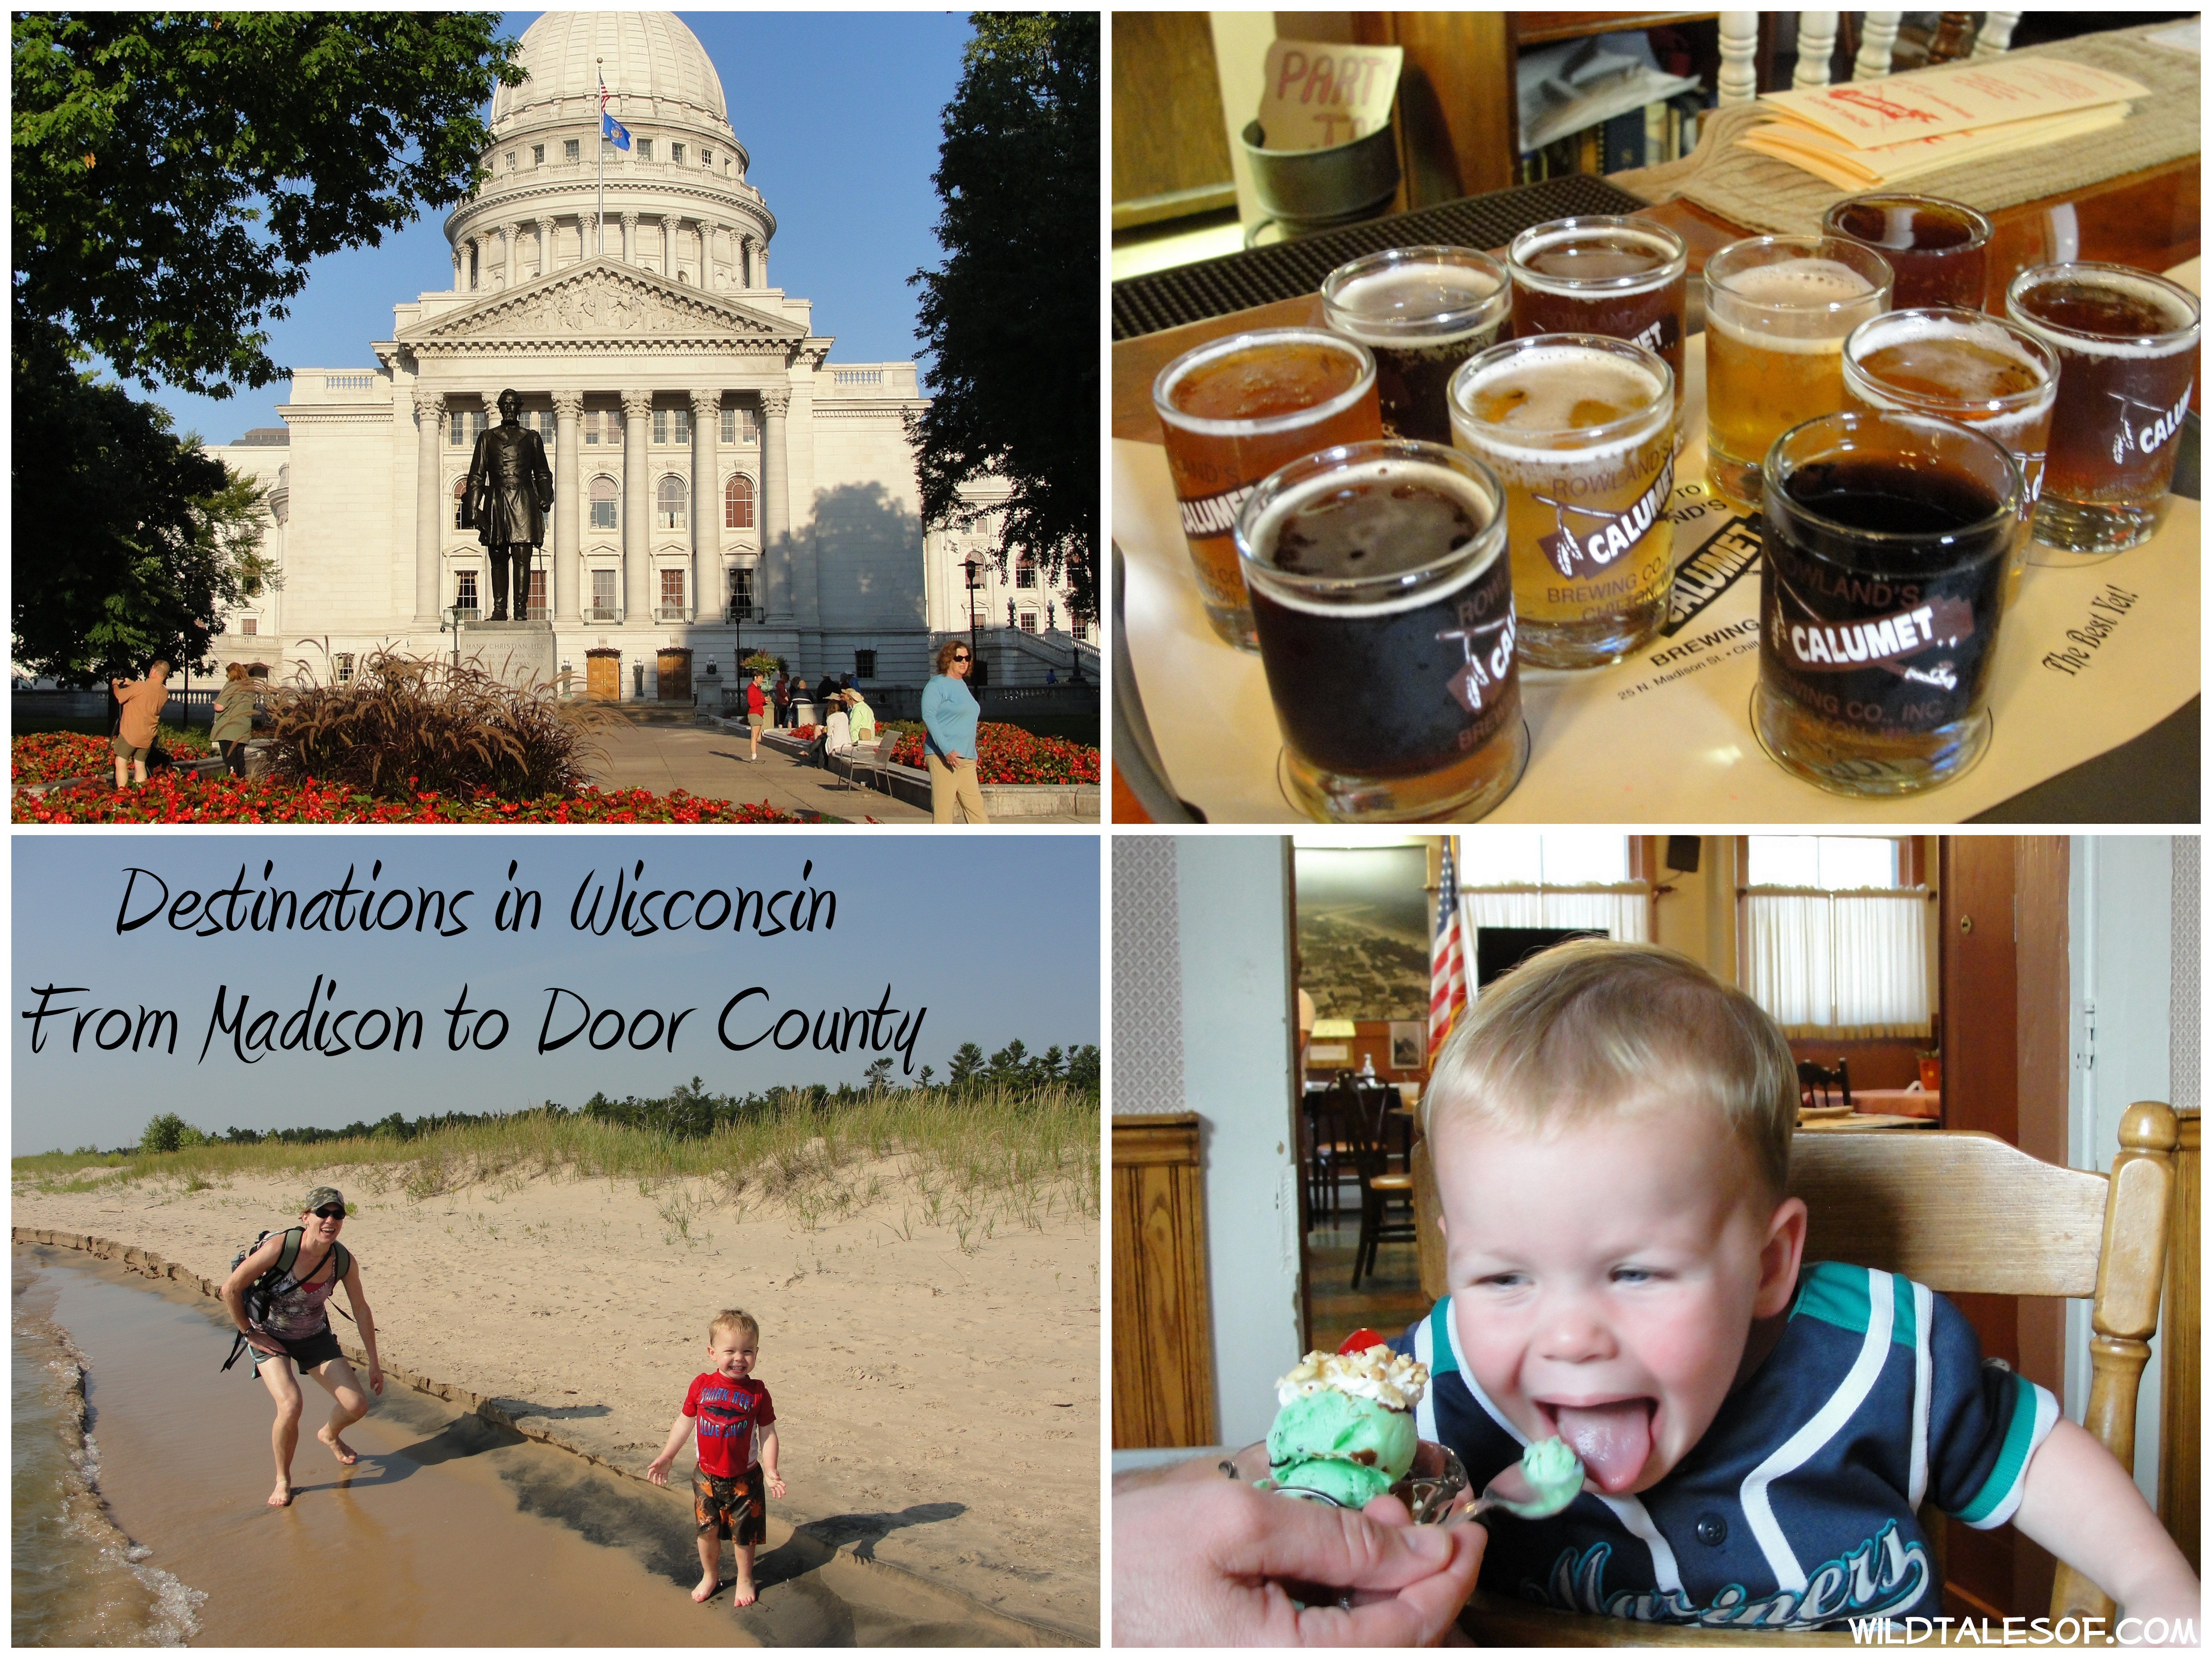 Destinations in Wisconsin: From Madison to Door County | WildTalesof.com